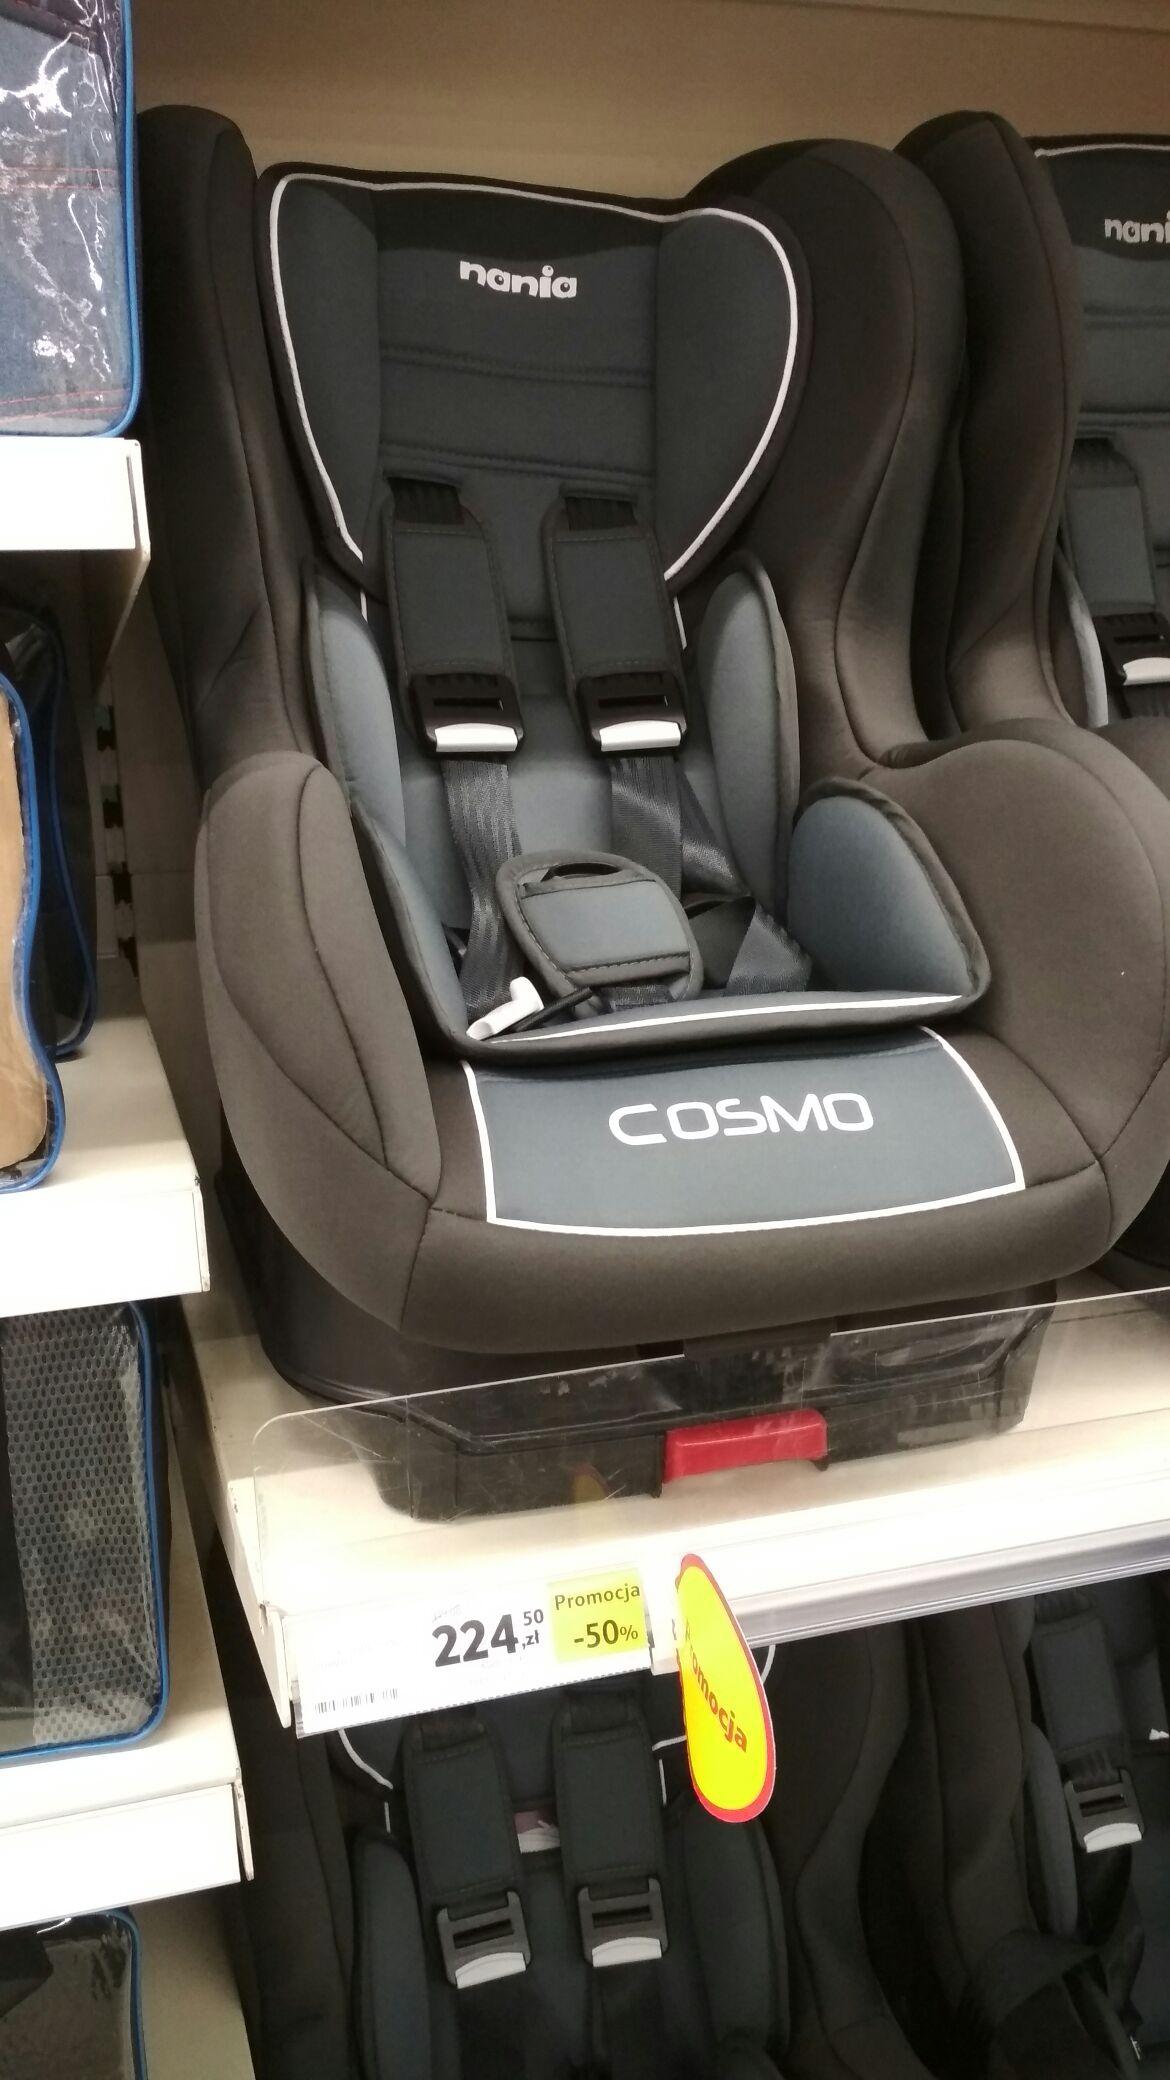 Fotelik samochodowy 9-18 kg Nania COSMO  ISOFIX - Tesco Lomza